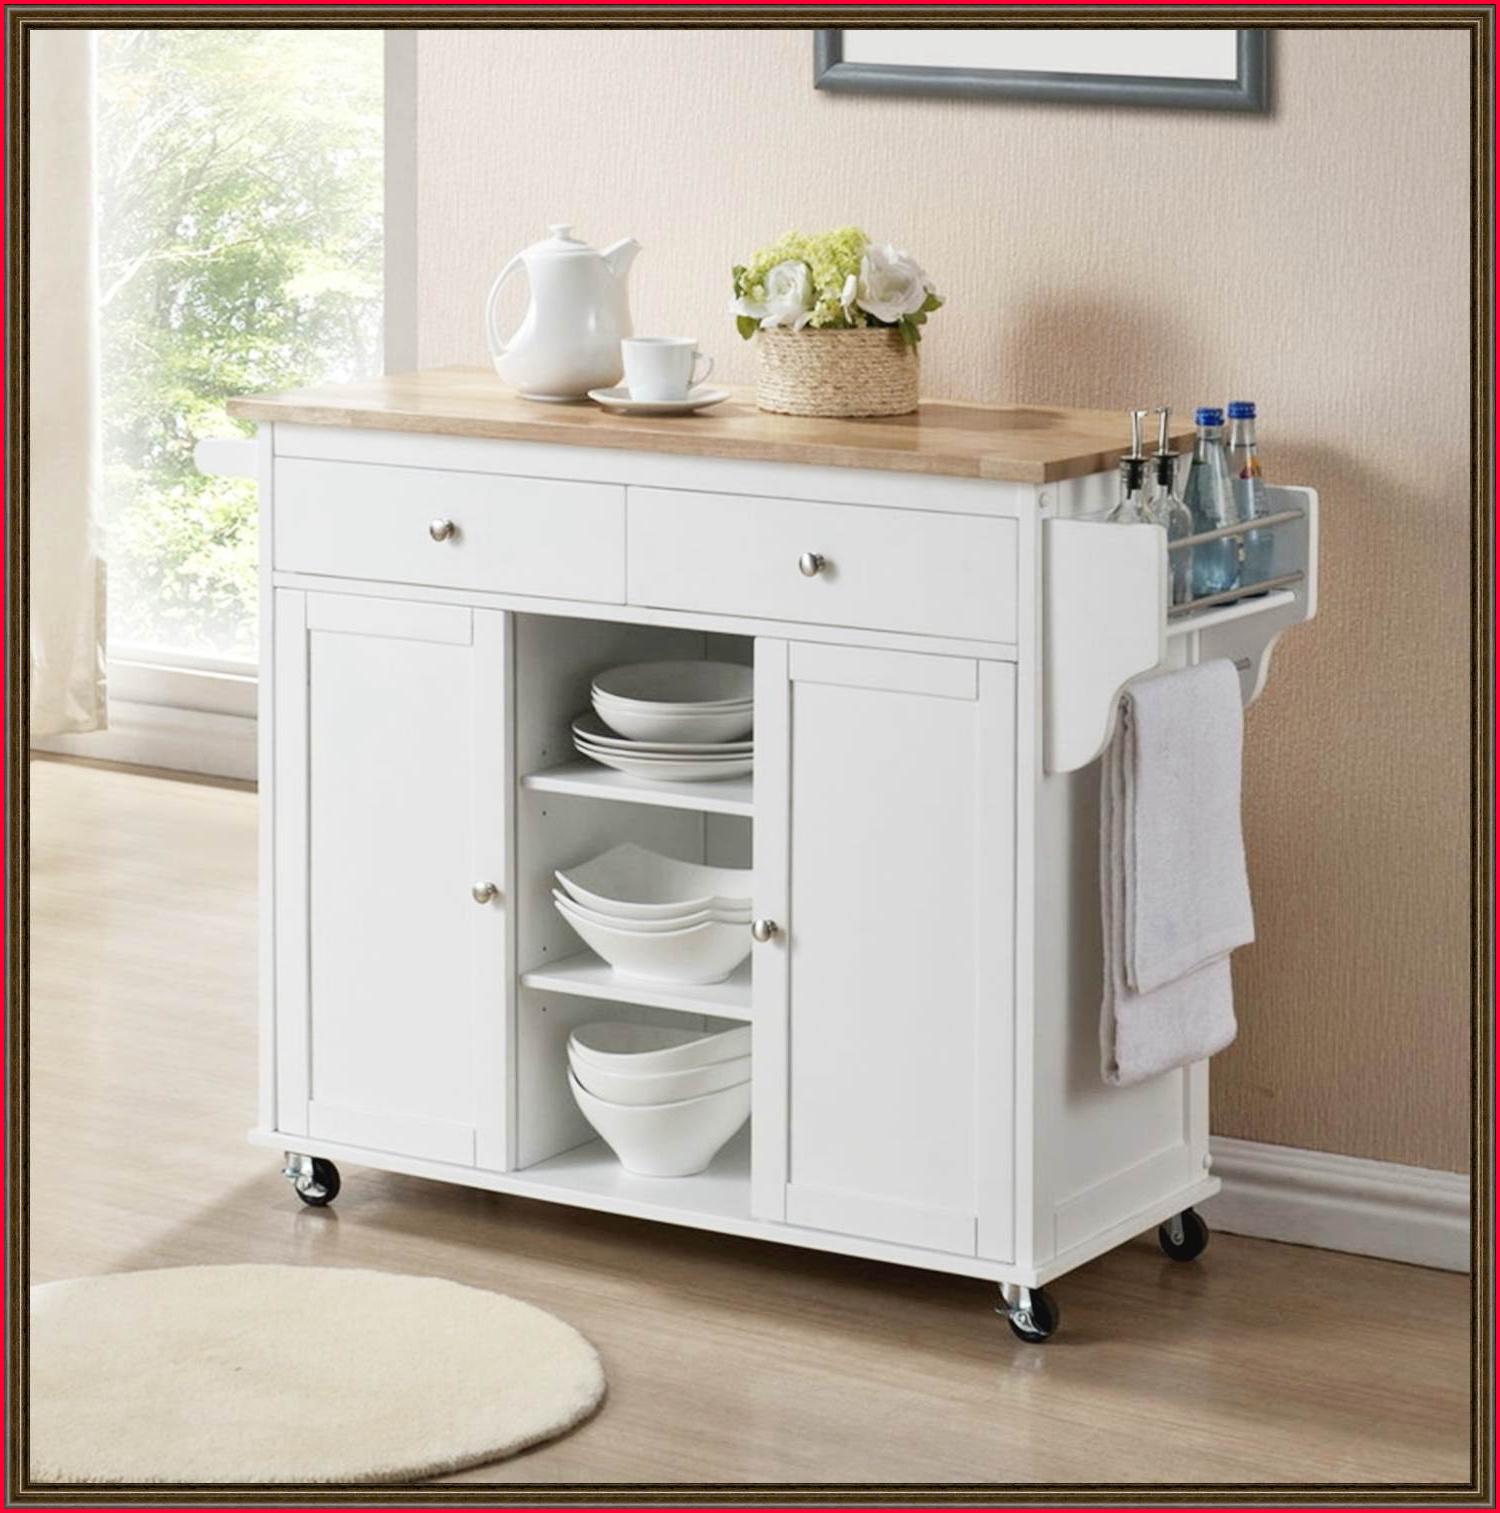 Muebles Ikea Salon Zwdg De Auxiliares N8Om0wvn